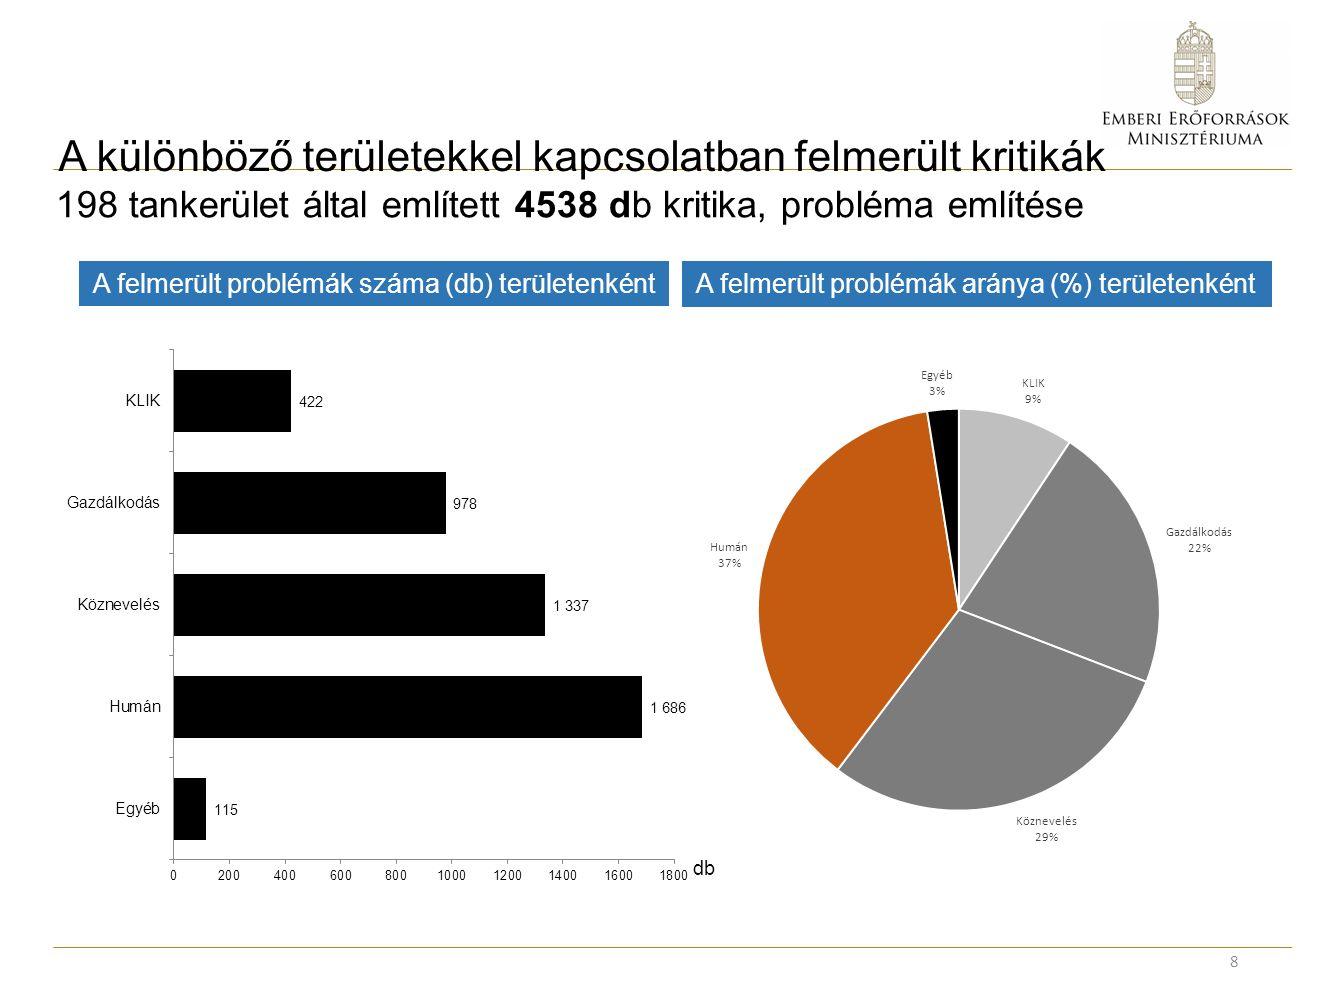 A különböző területekkel kapcsolatban felmerült kritikák 8 db A felmerült problémák száma (db) területenként A felmerült problémák aránya (%) területenként 198 tankerület által említett 4538 db kritika, probléma említése